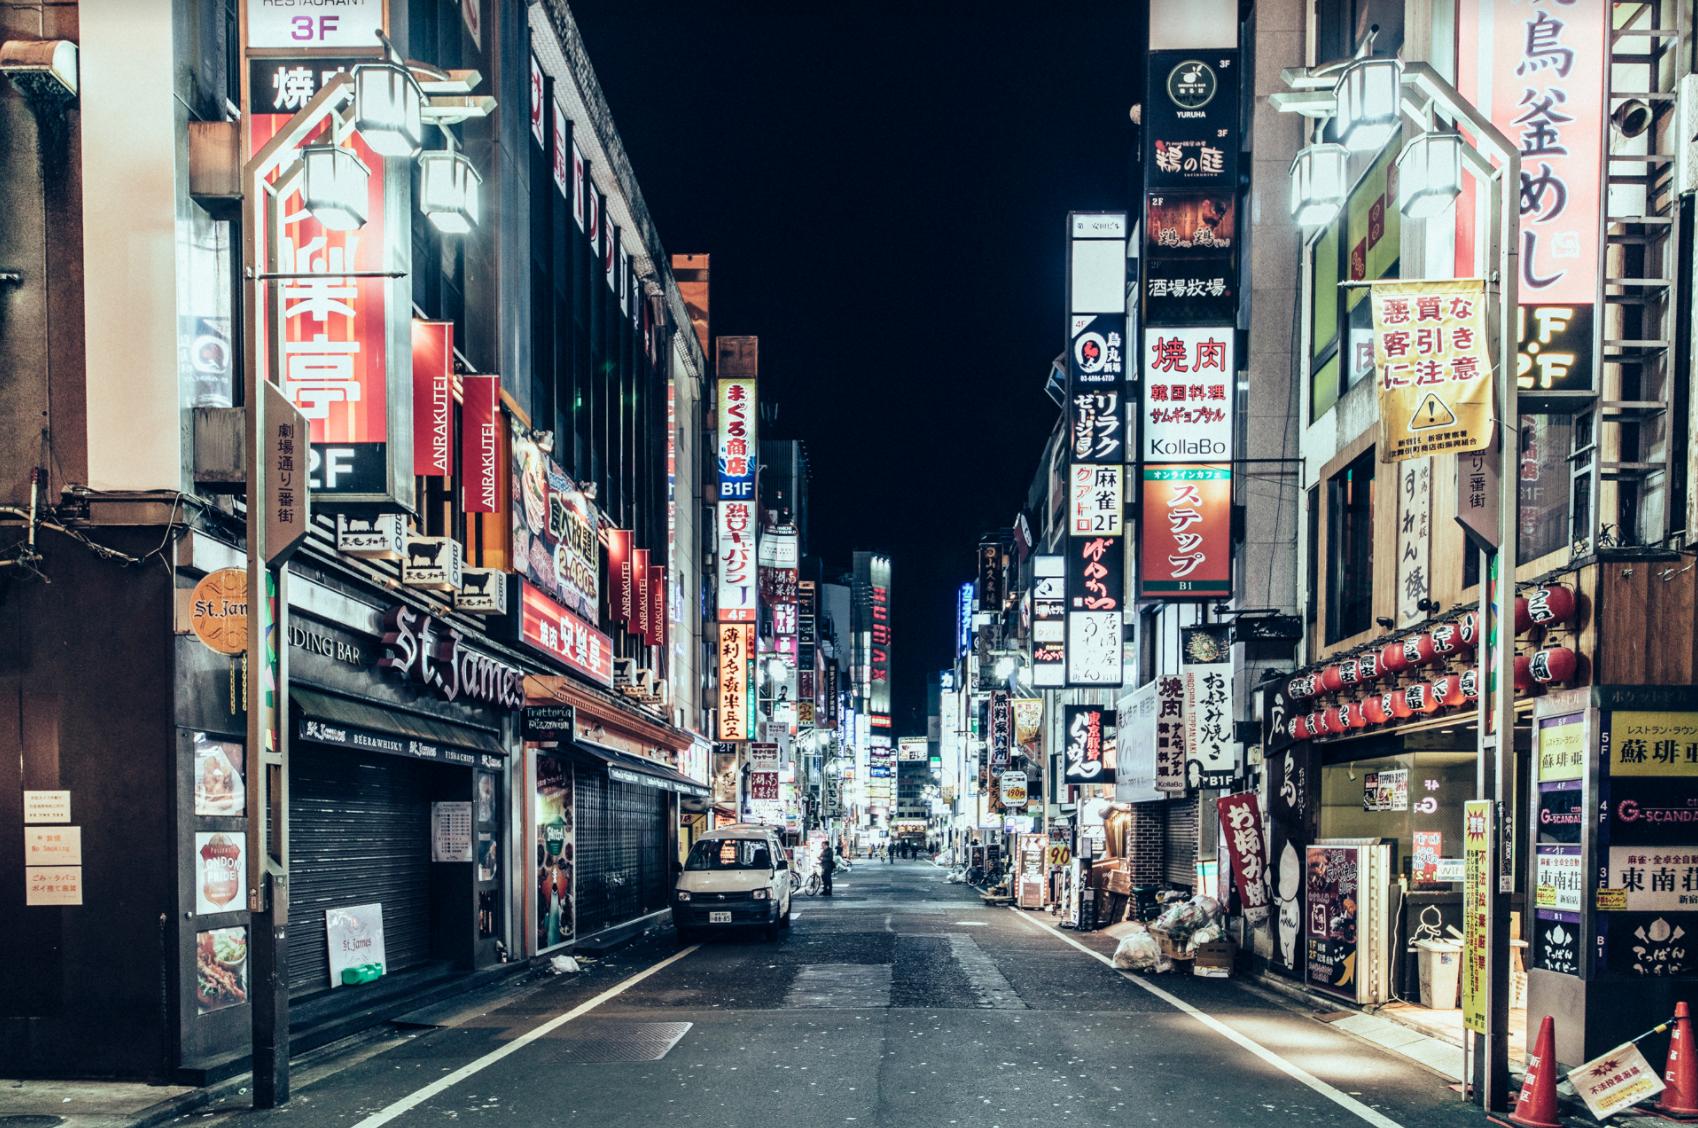 Il capture la ville de Tokyo vidée de ses habitants dans un projet photo surprenant